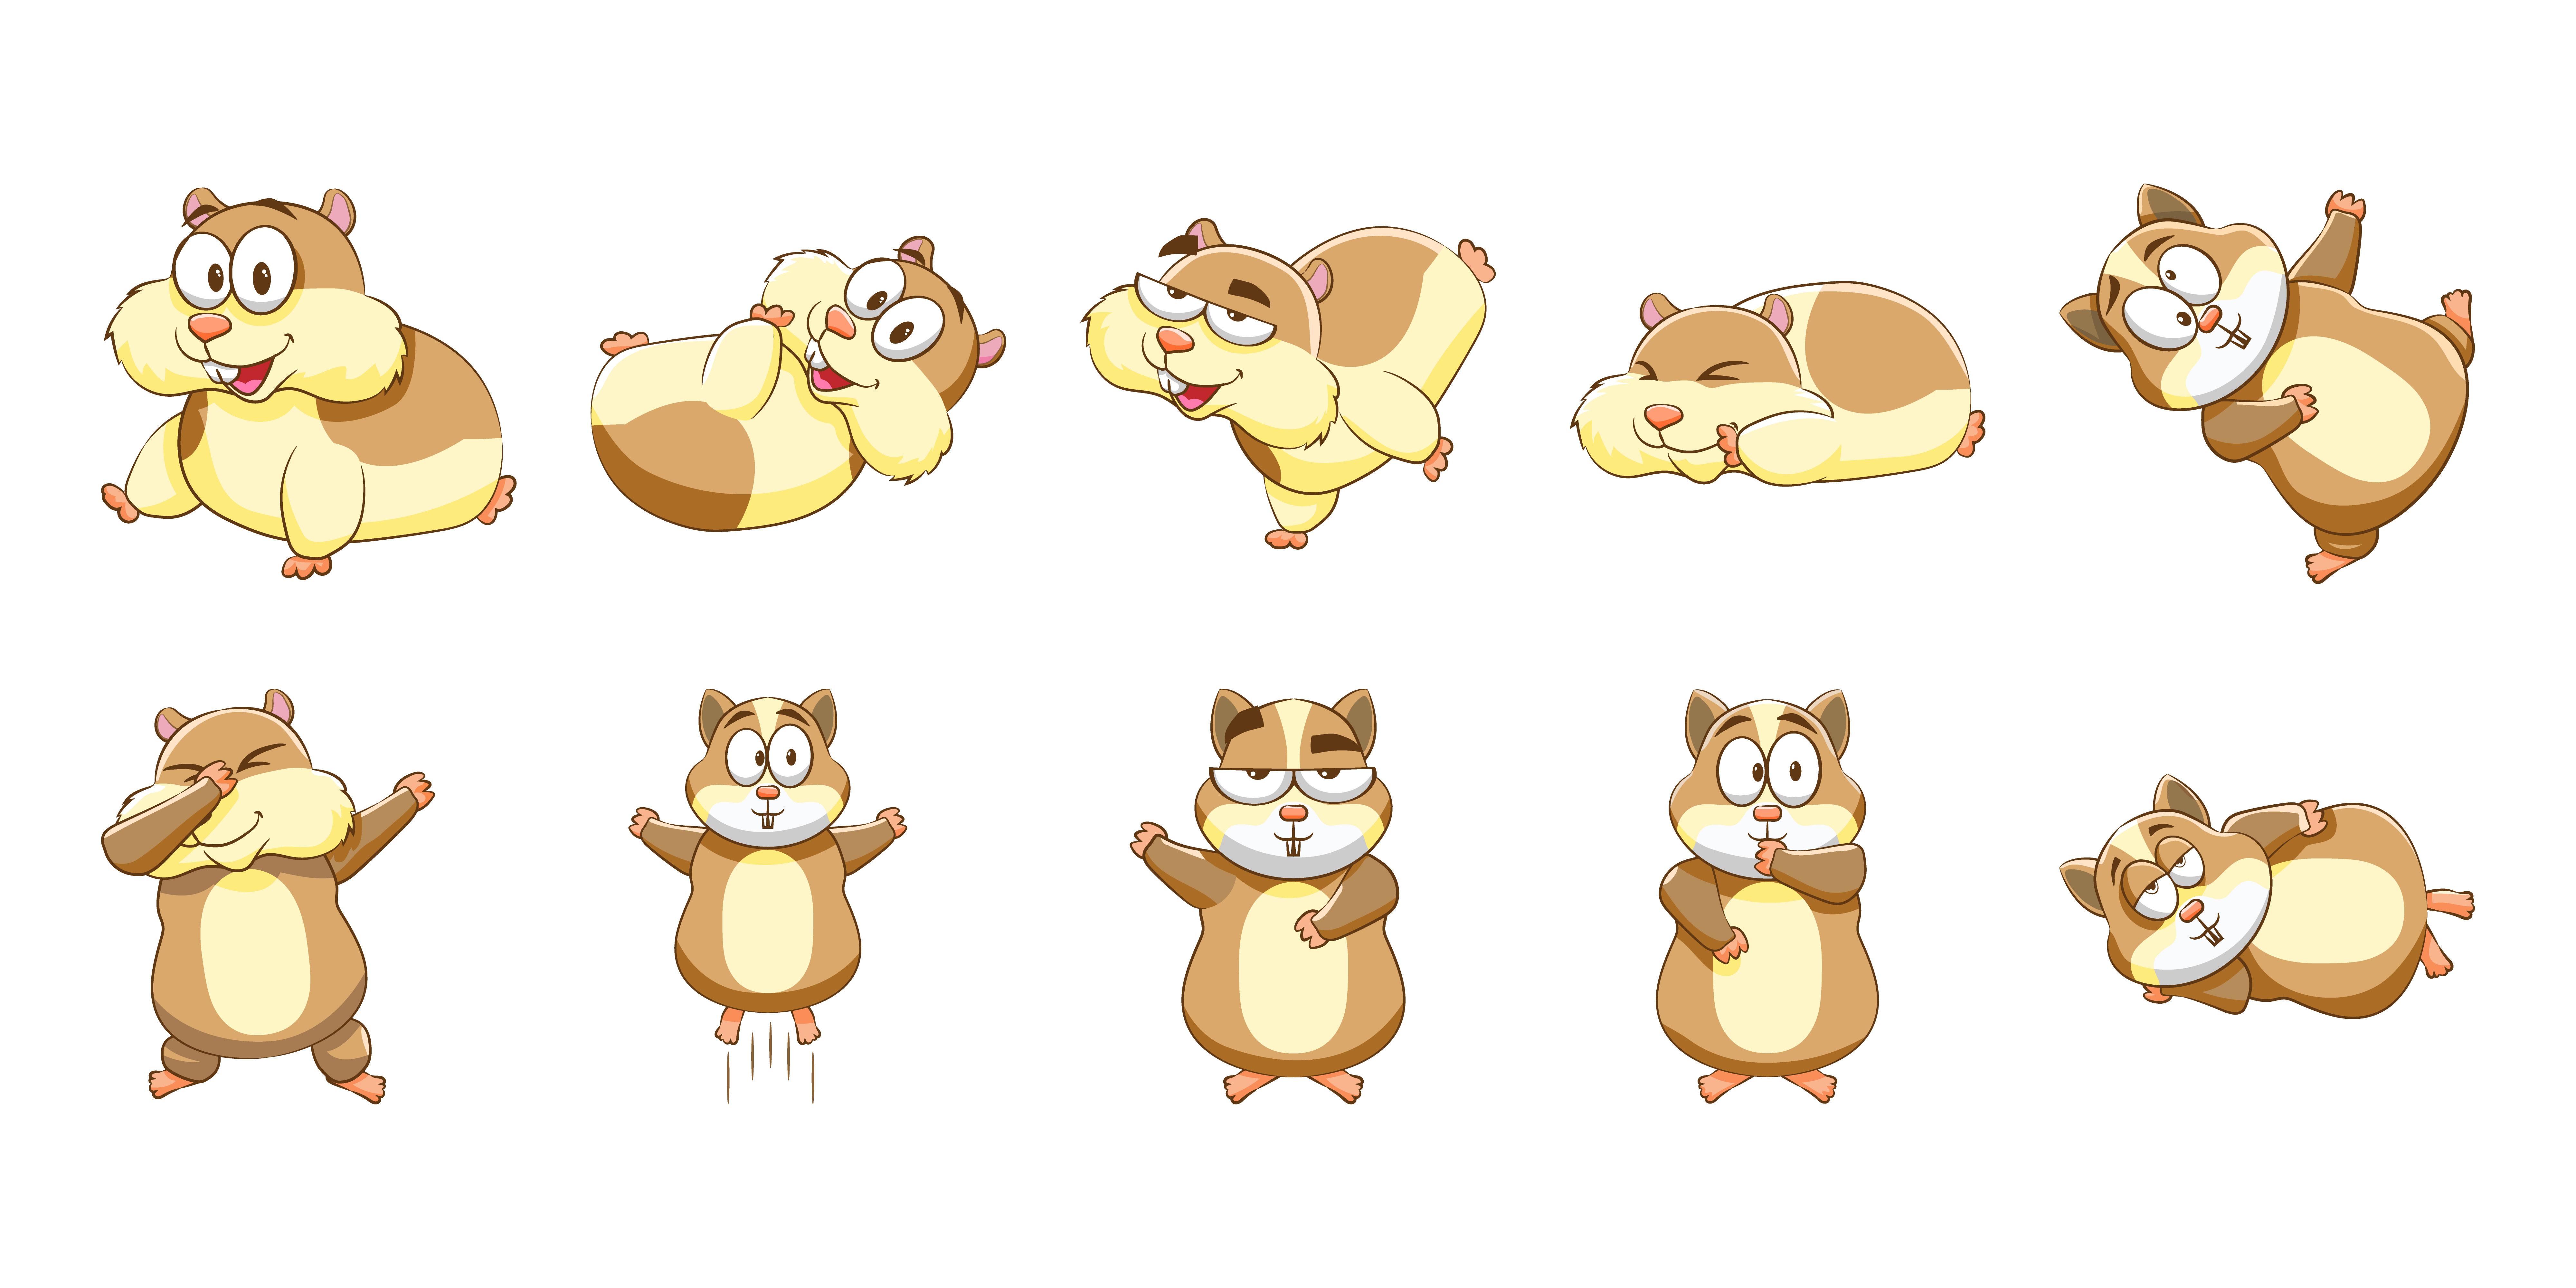 Ensemble De Hamster De Dessin Anime Telecharger Vectoriel Gratuit Clipart Graphique Vecteur Dessins Et Pictogramme Gratuit